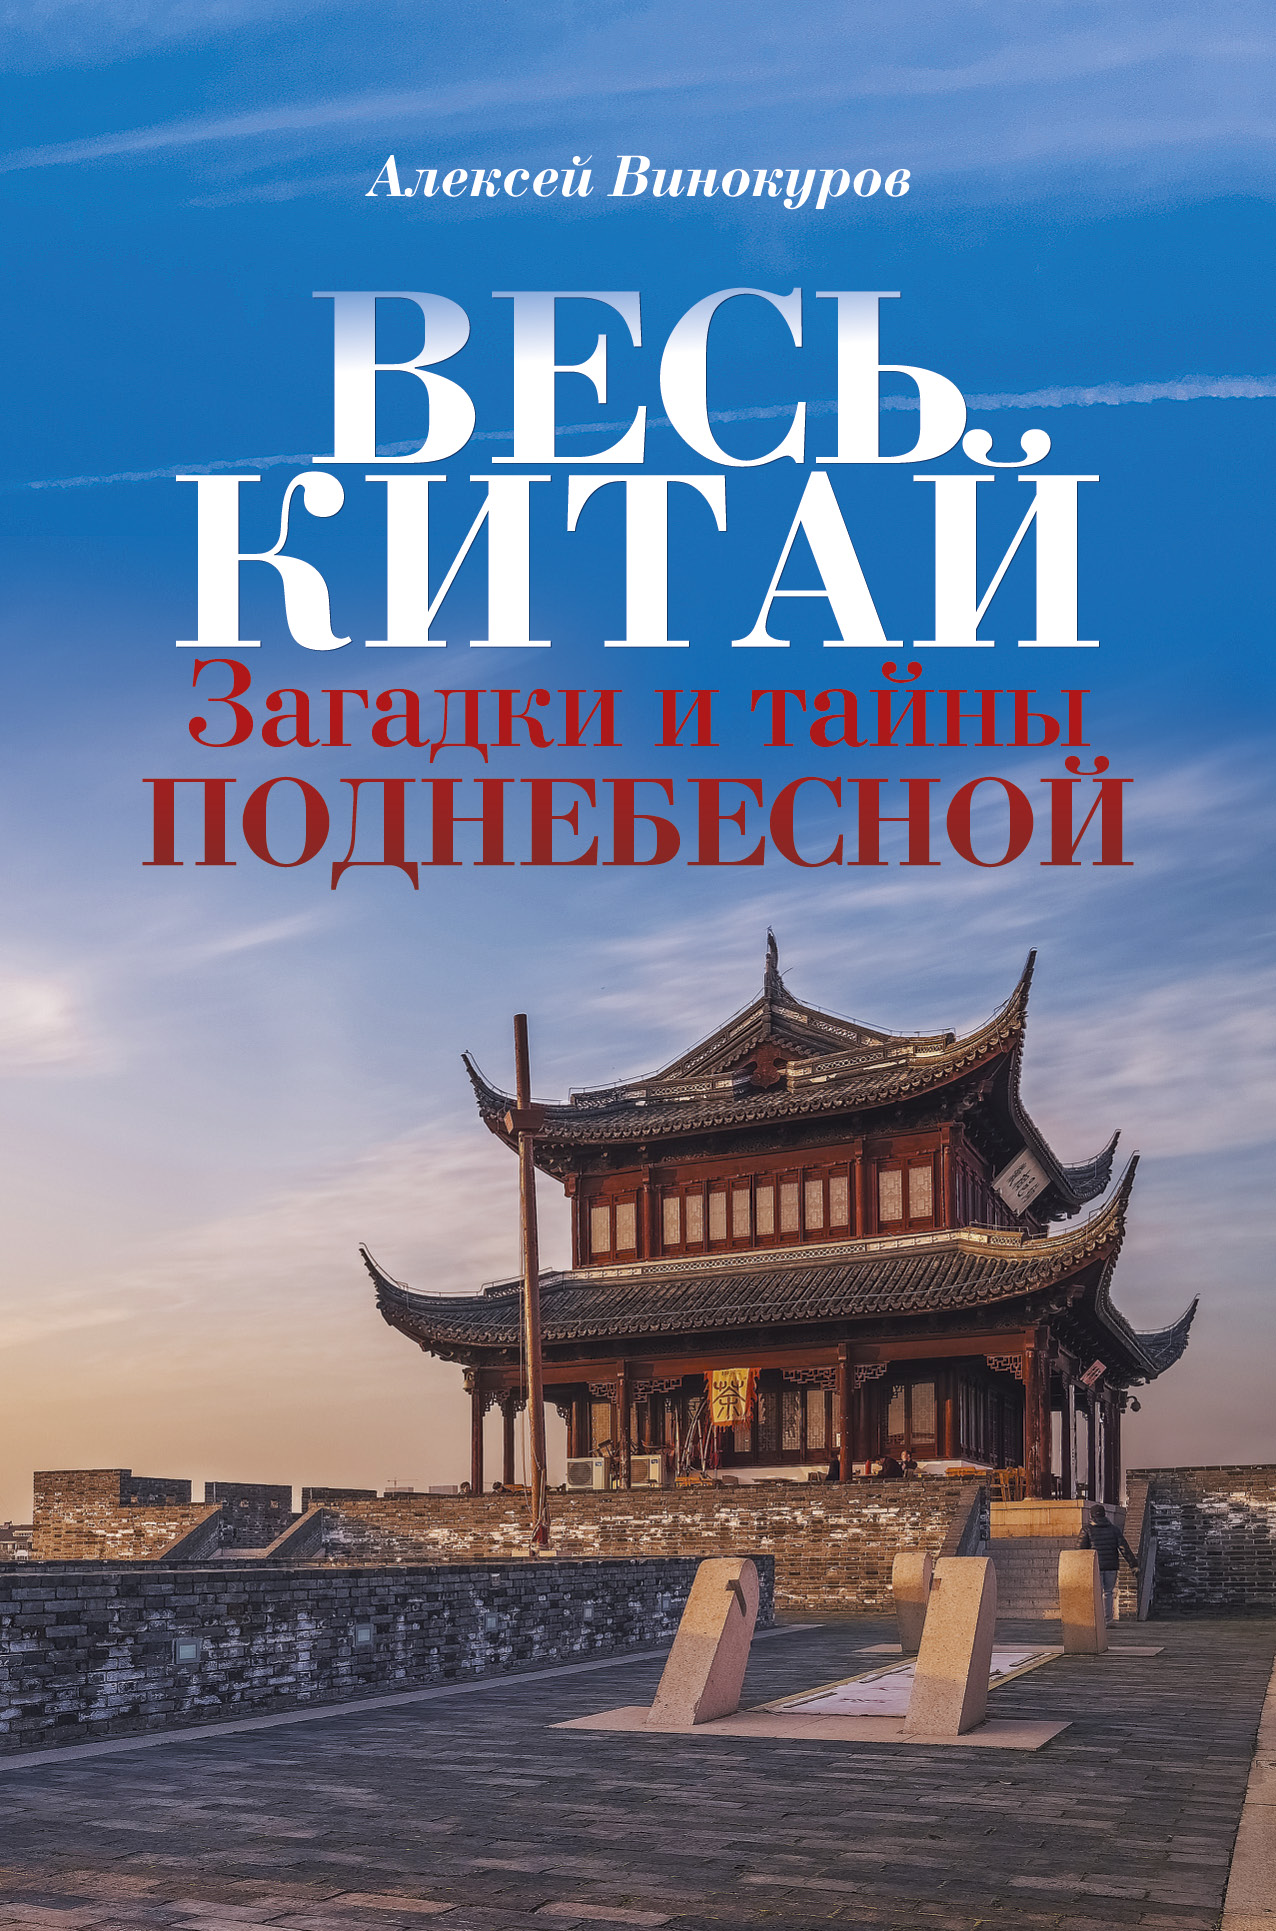 Весь Китай. Загадки и тайны Поднебесной ( Винокуров А.  )